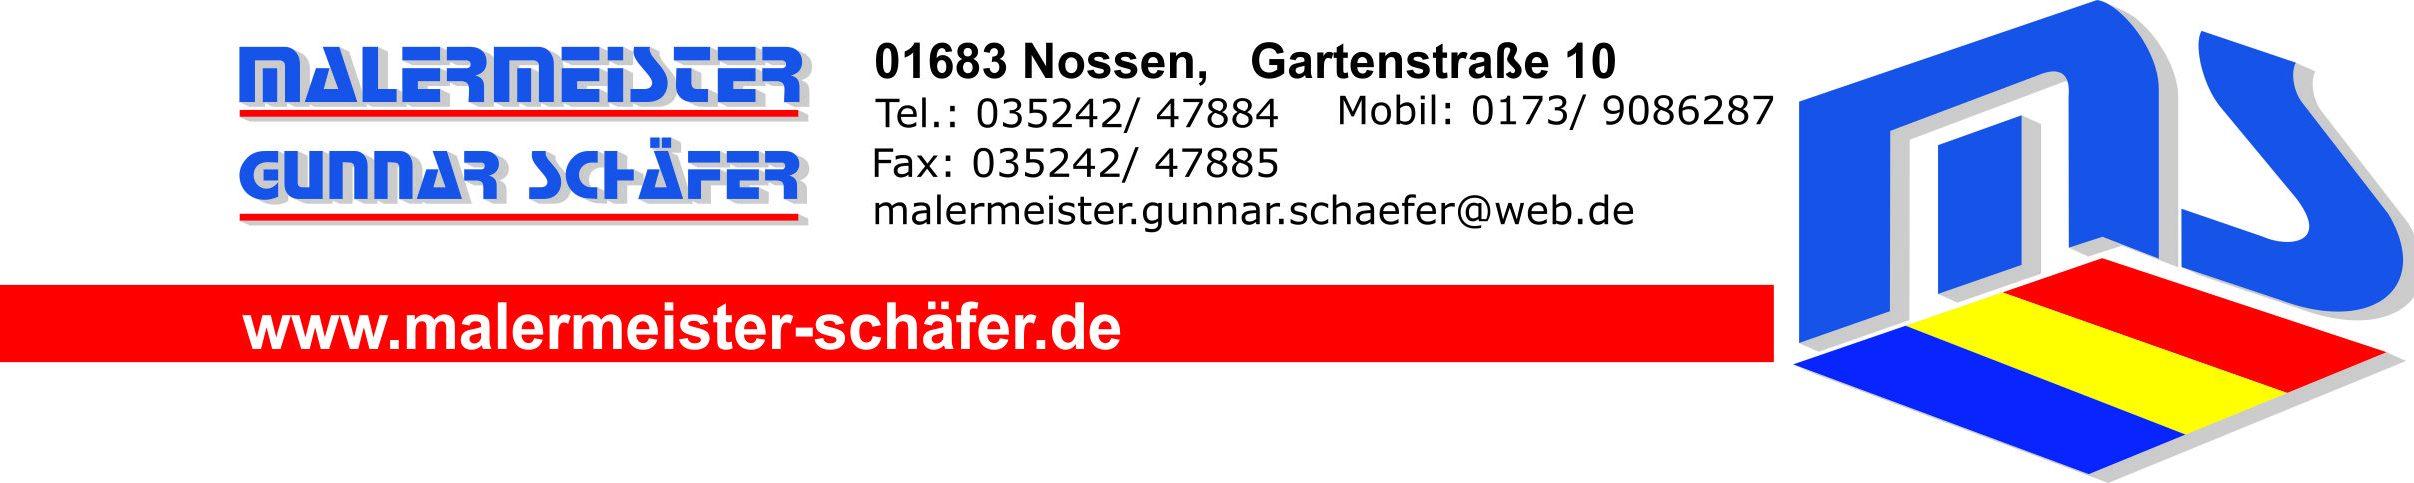 Malermeister Schfer Nossen